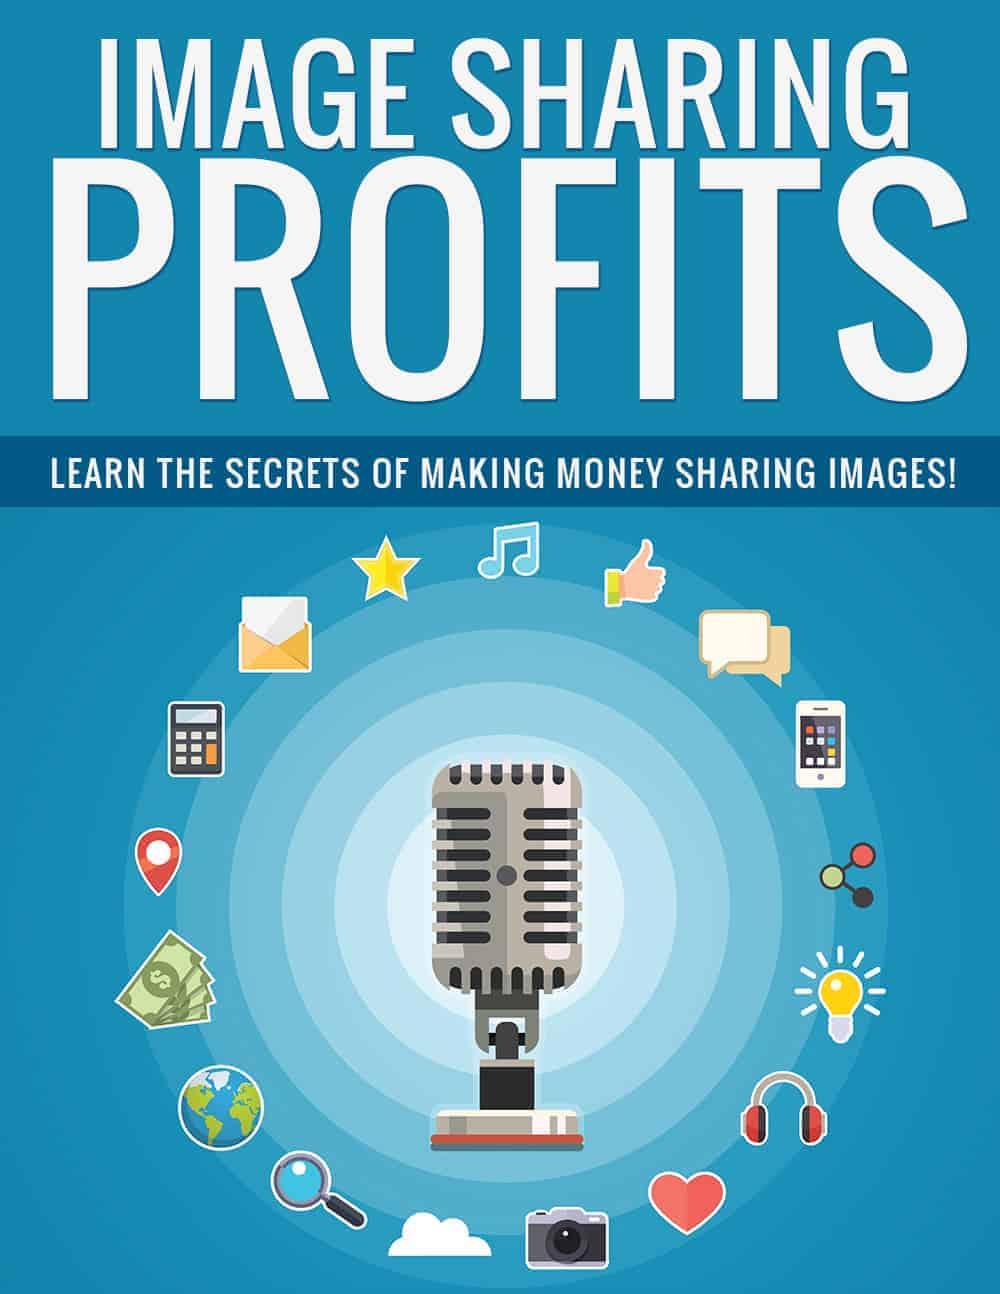 Image Sharing Profits